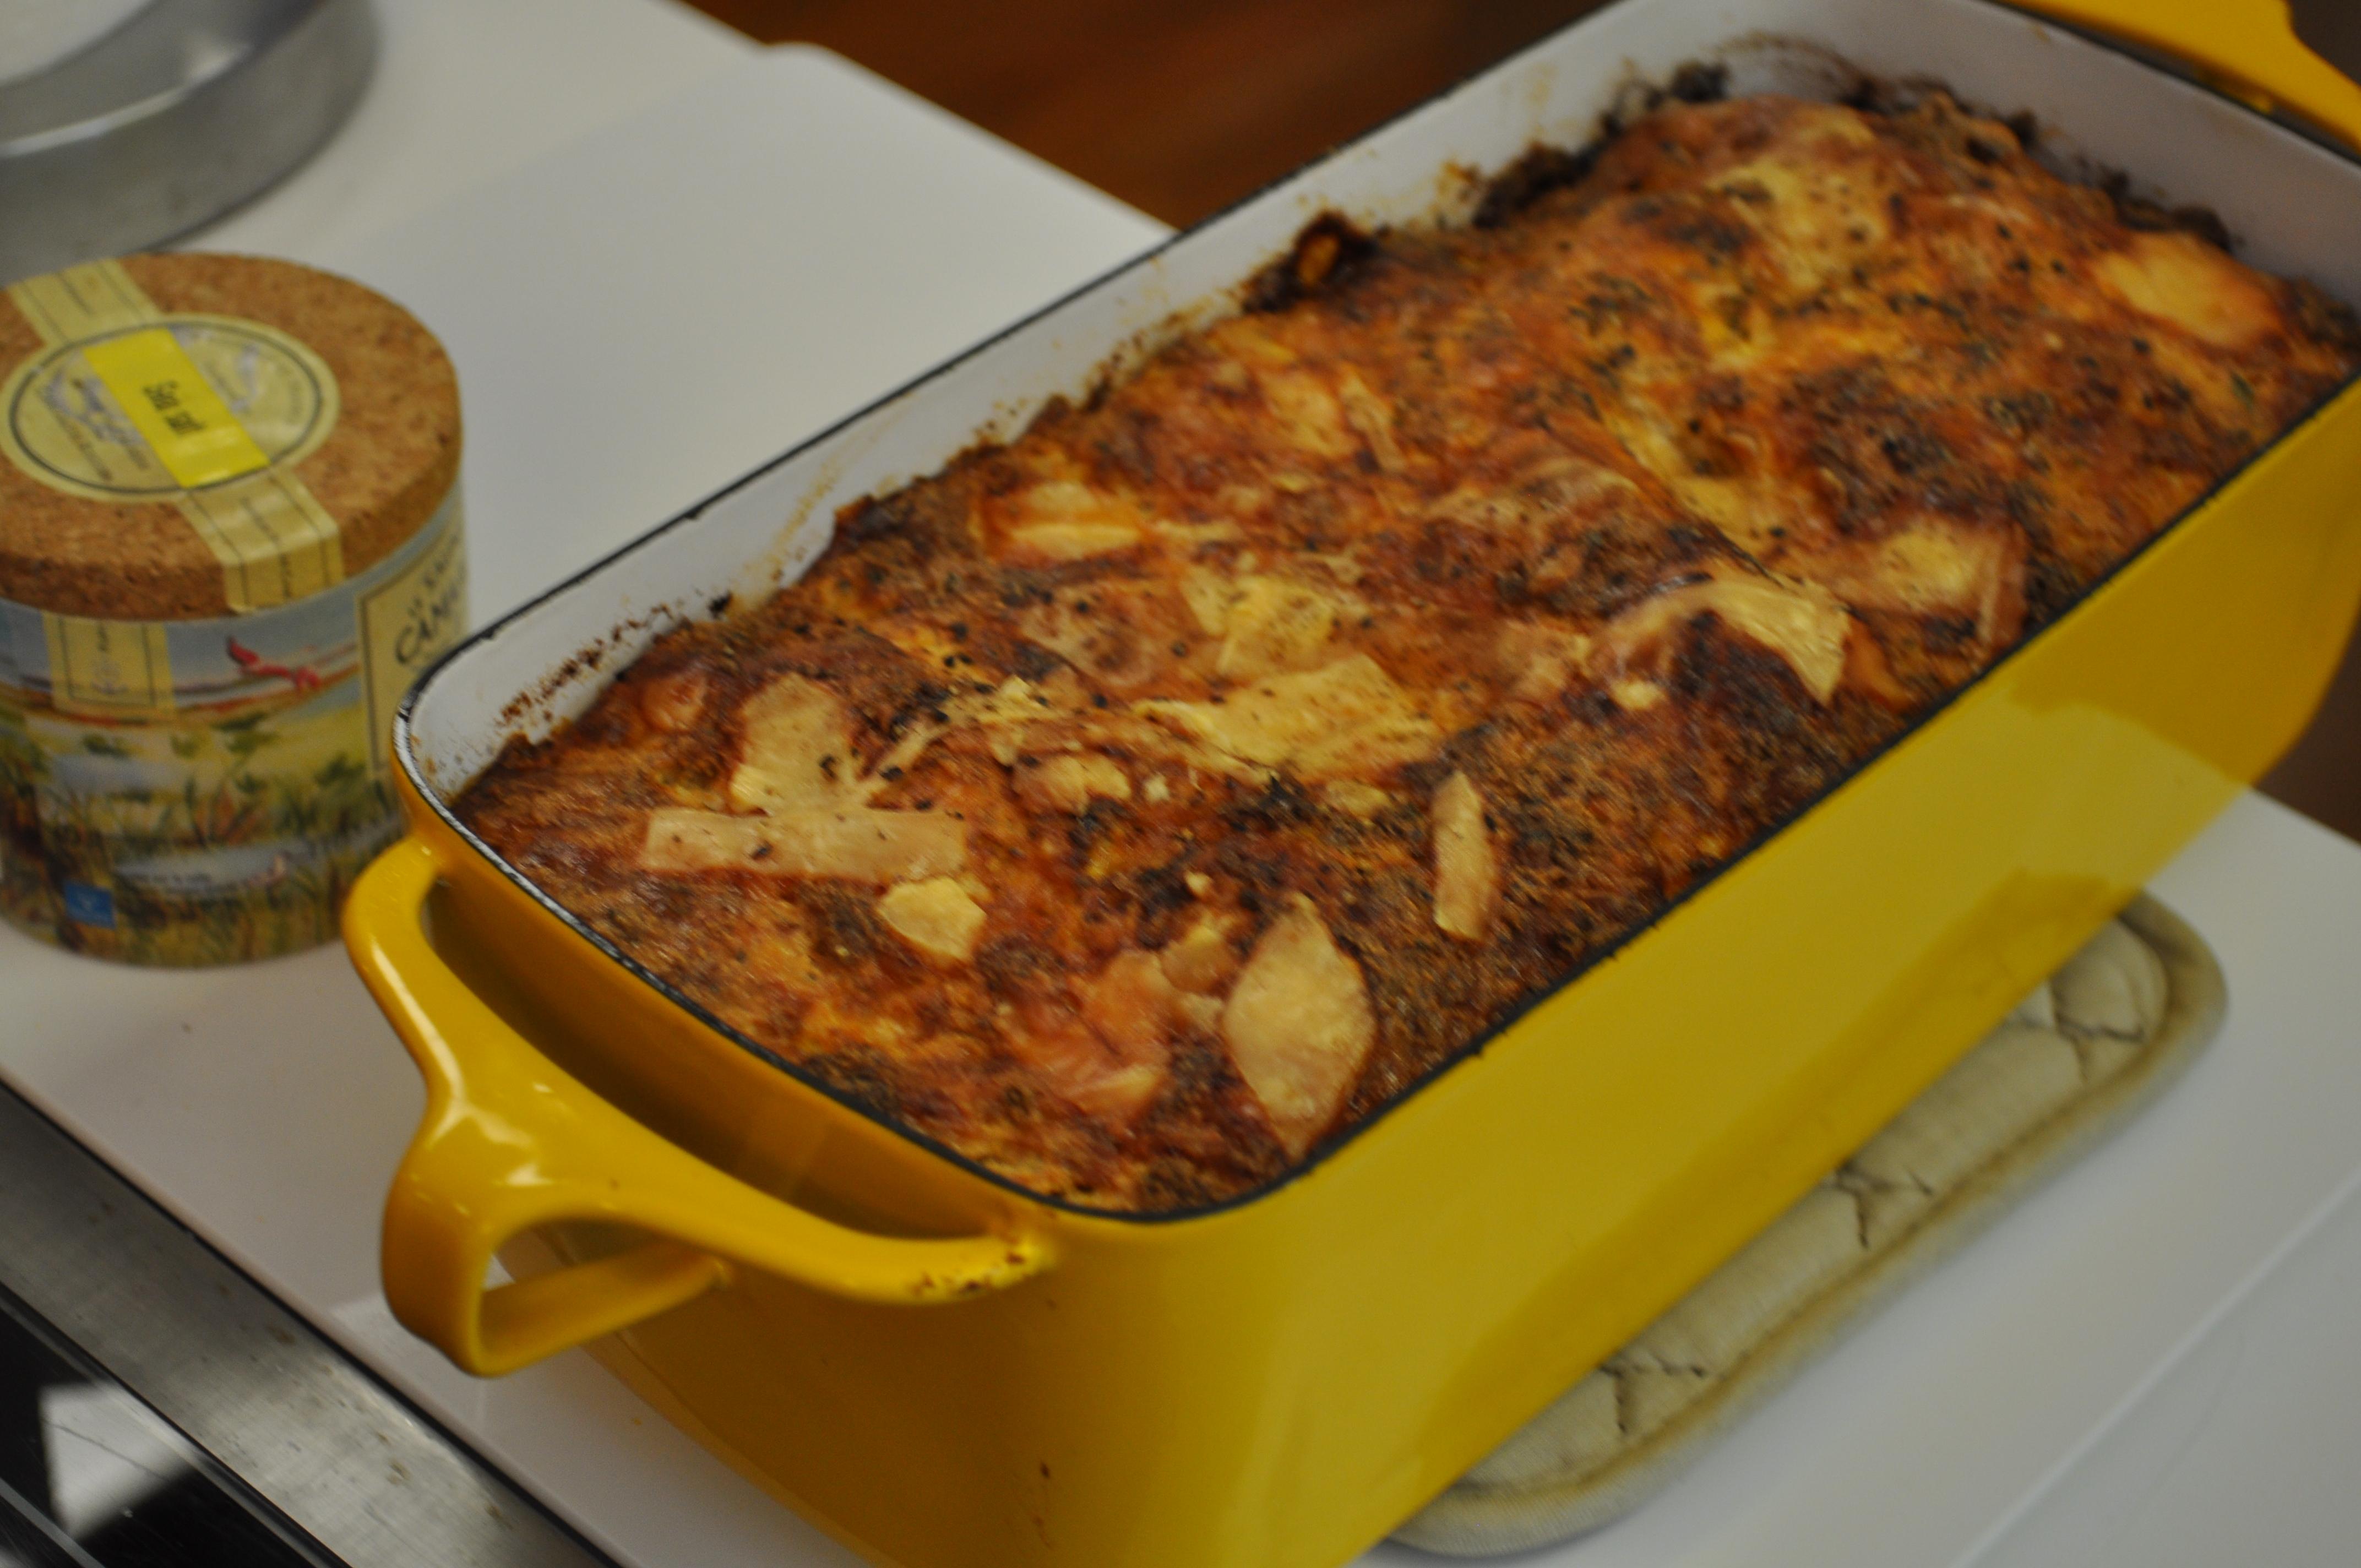 squash-lasagna-and-csa-012